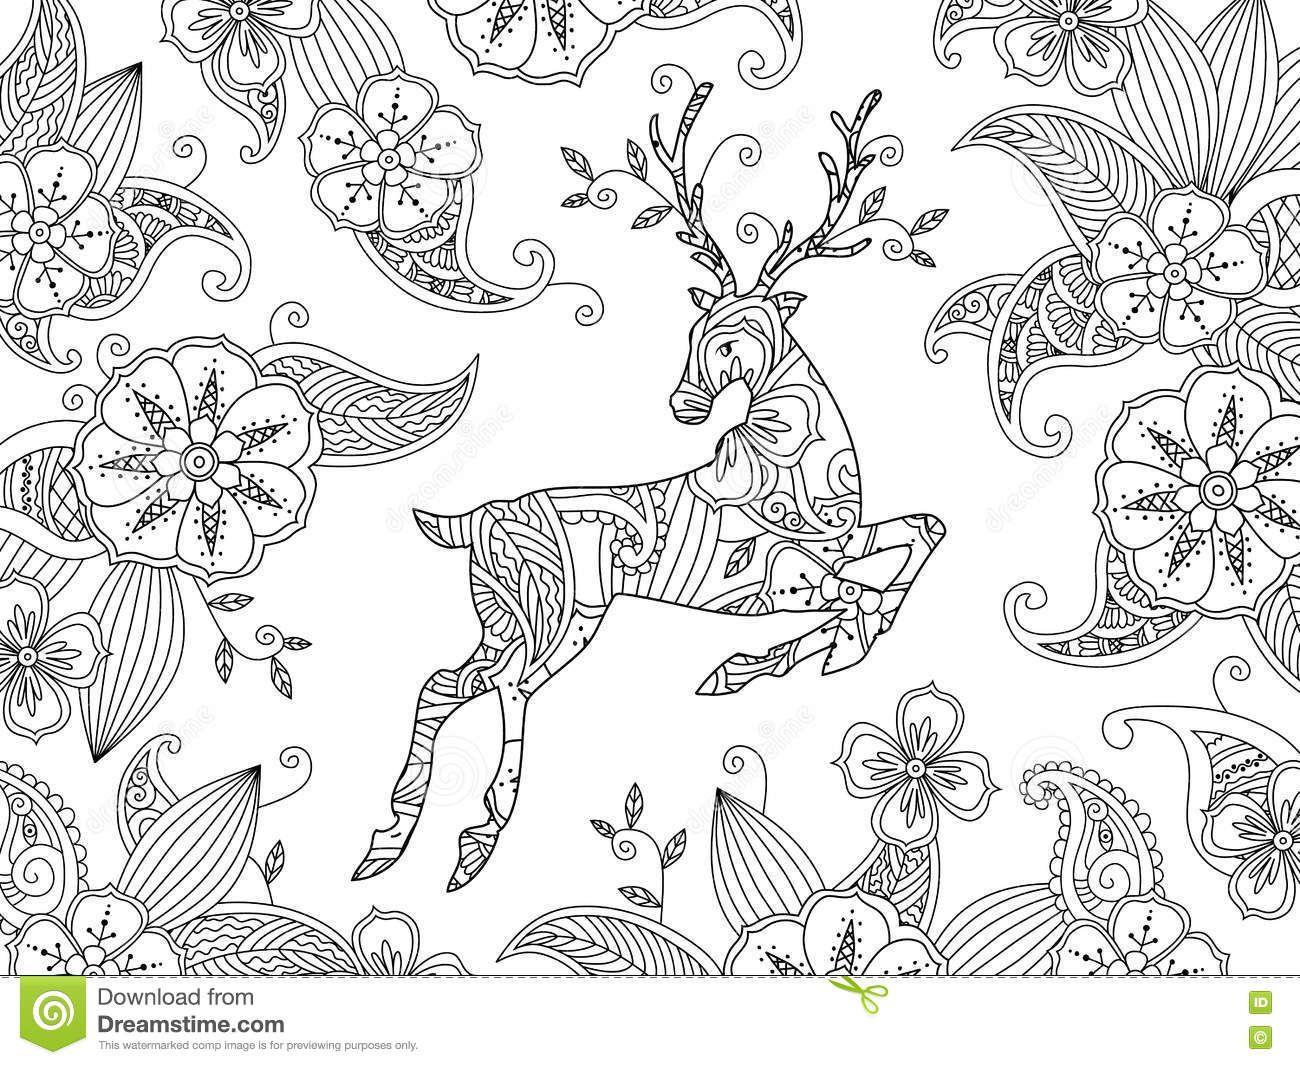 Pin de raju kompelli en ,Raju | Pinterest